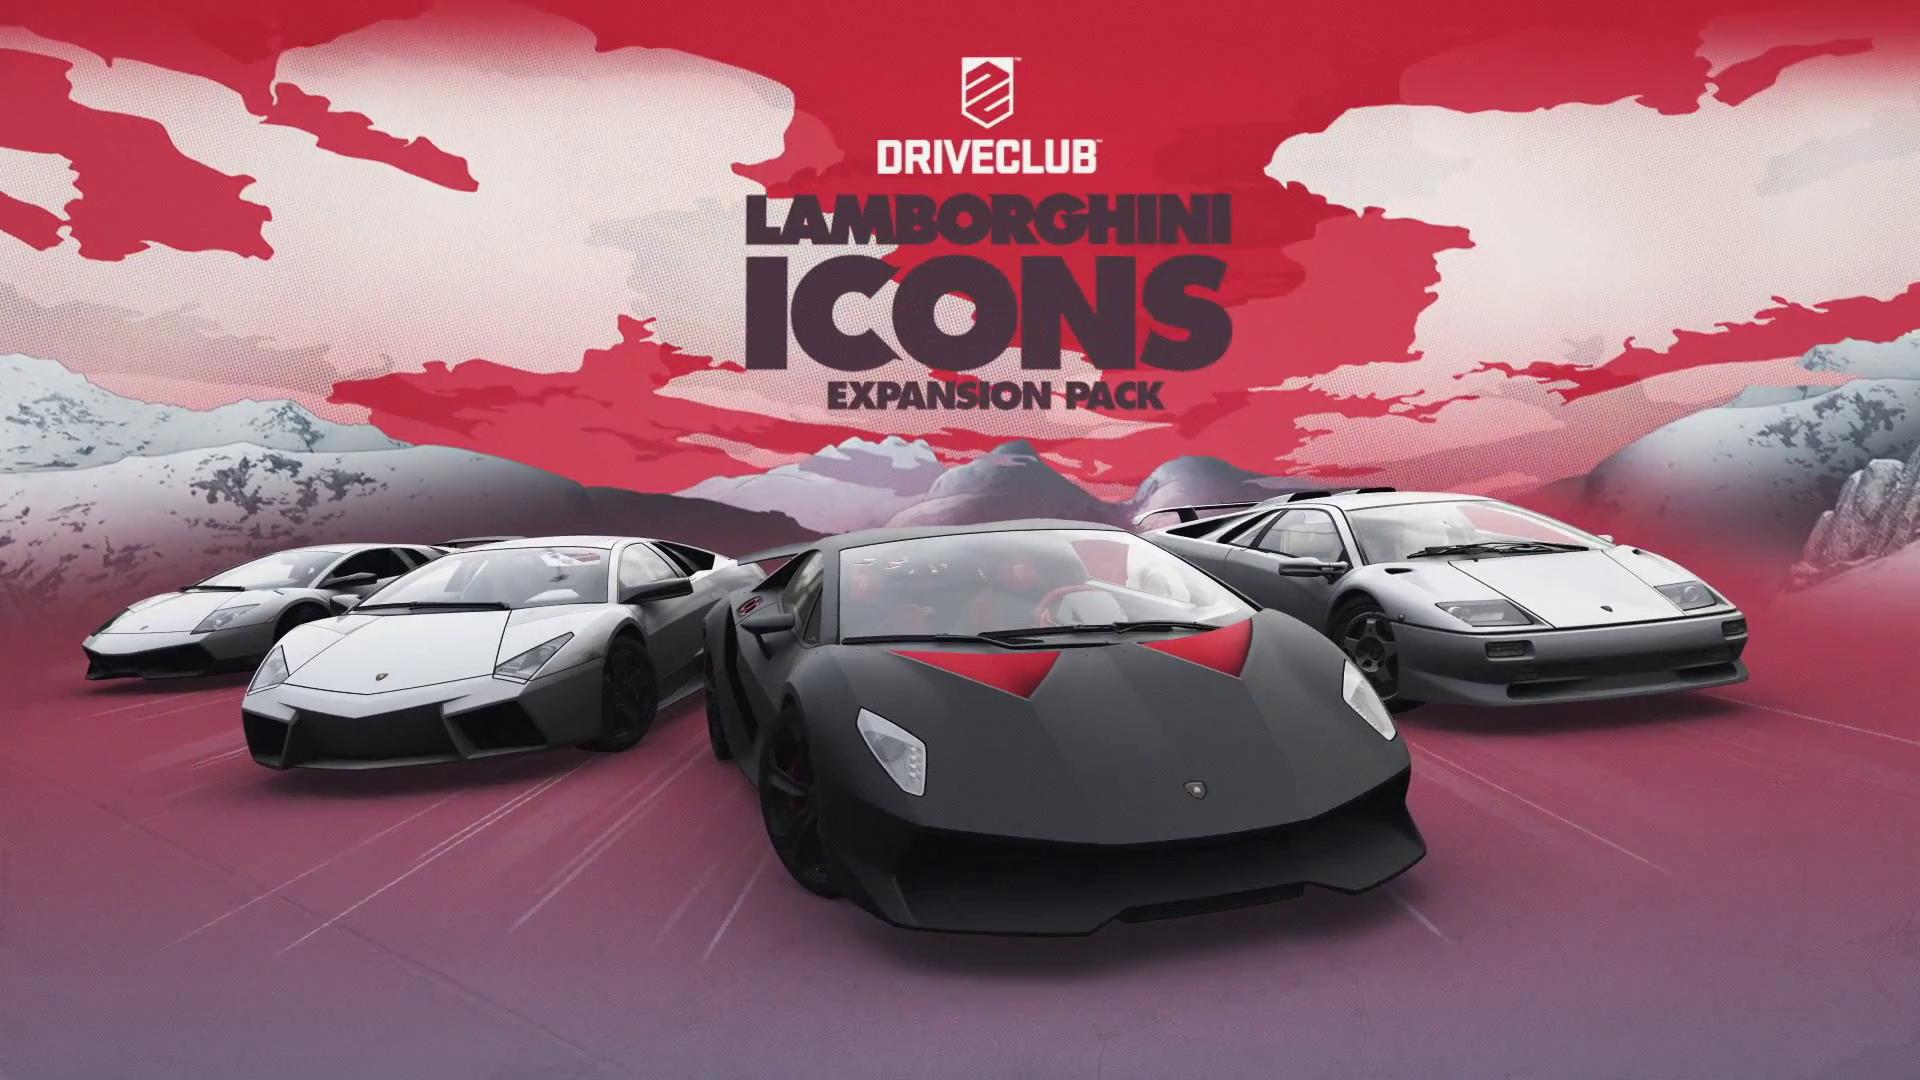 DriveClub Lamborgini Icons pack